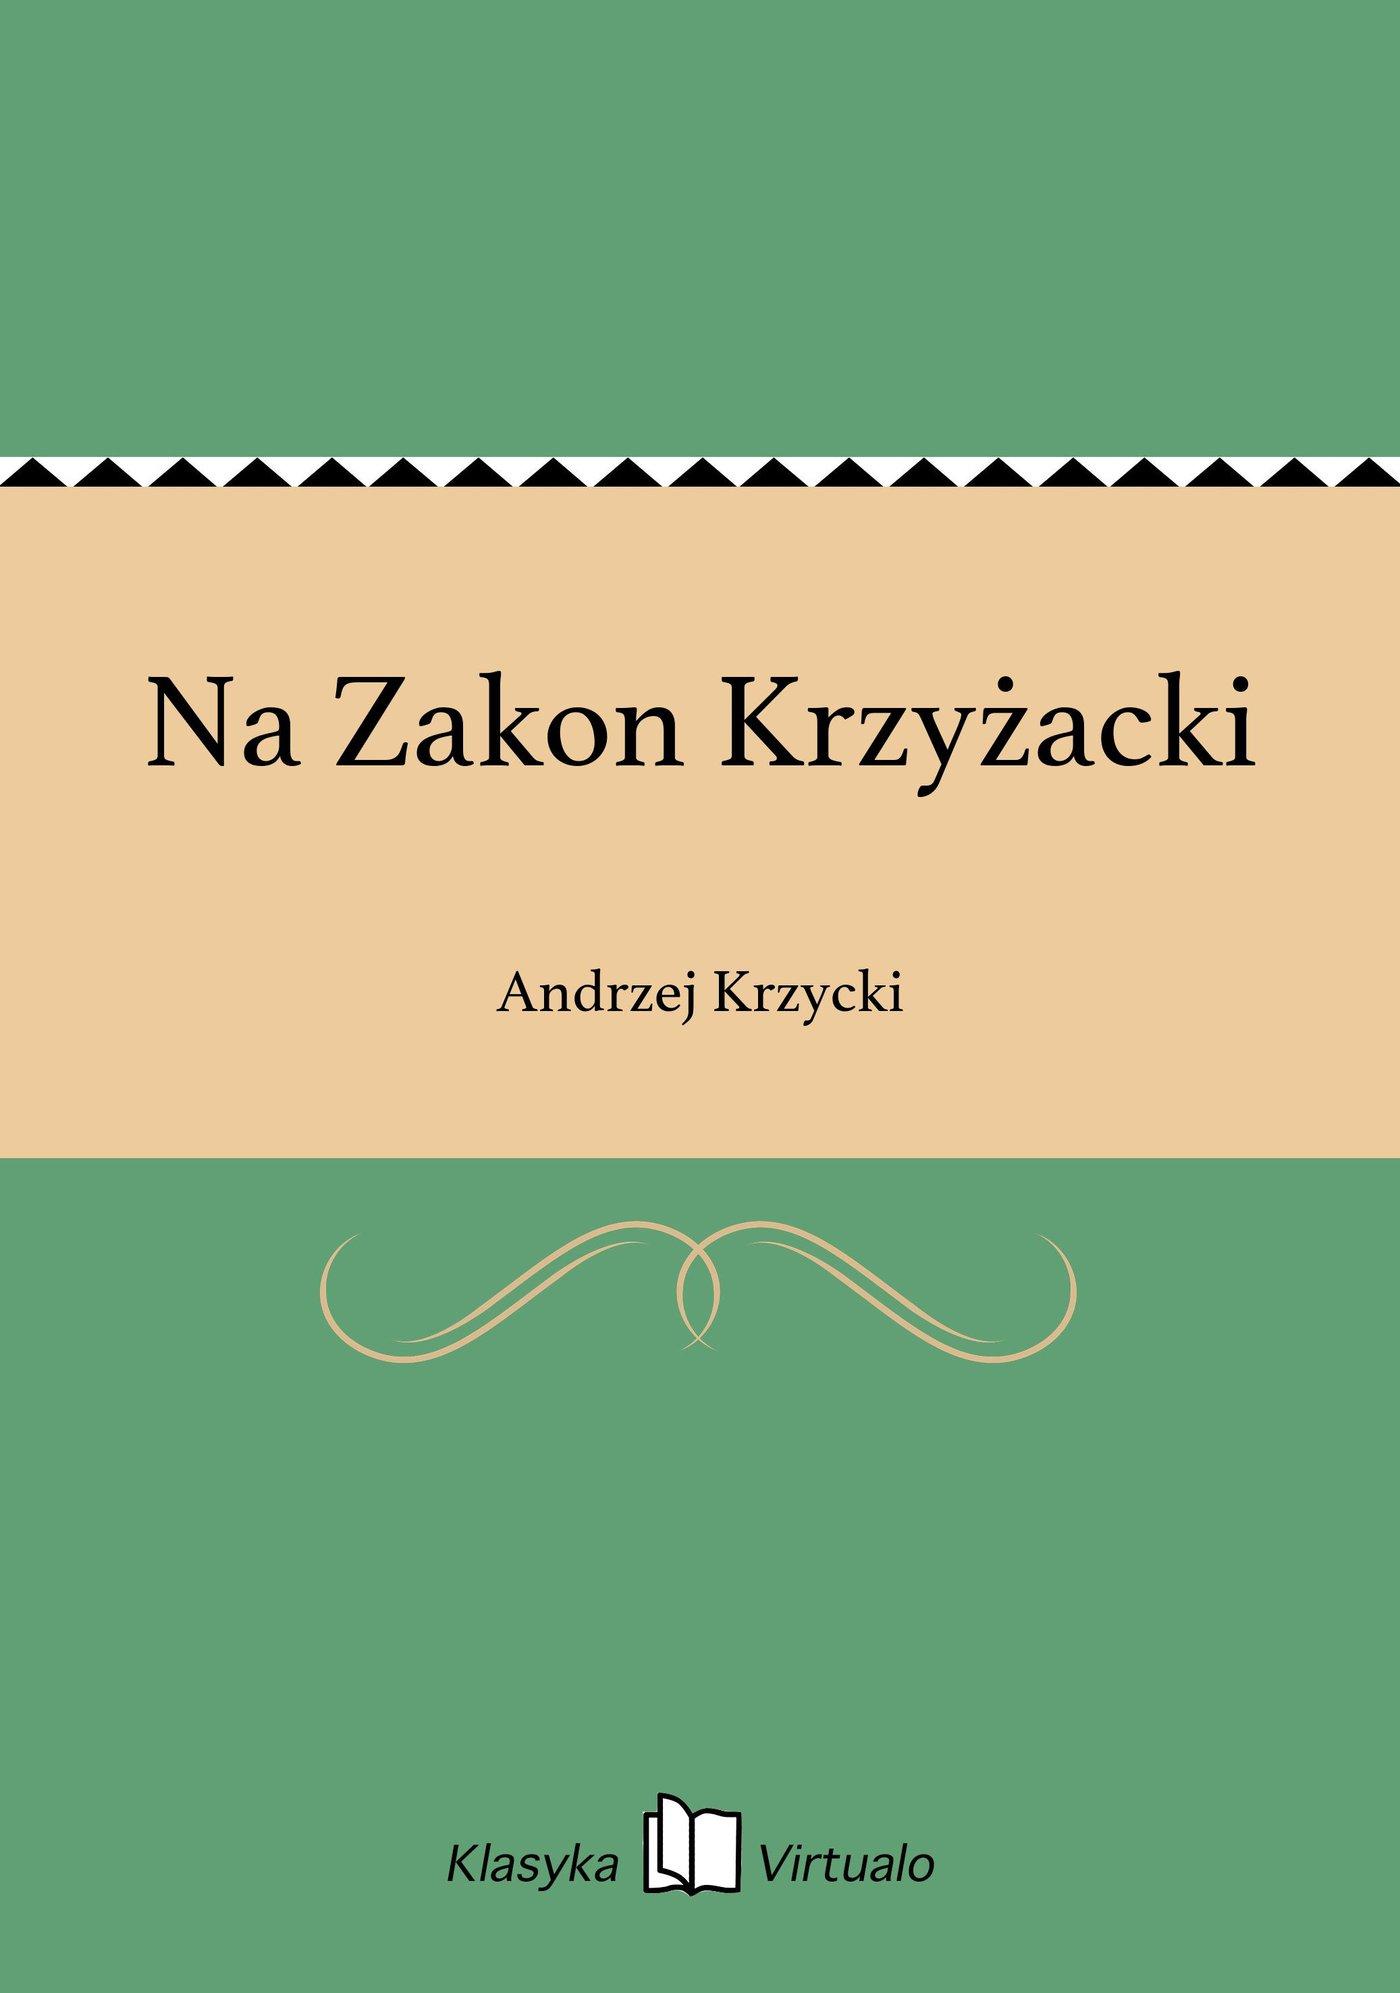 Na Zakon Krzyżacki - Ebook (Książka EPUB) do pobrania w formacie EPUB